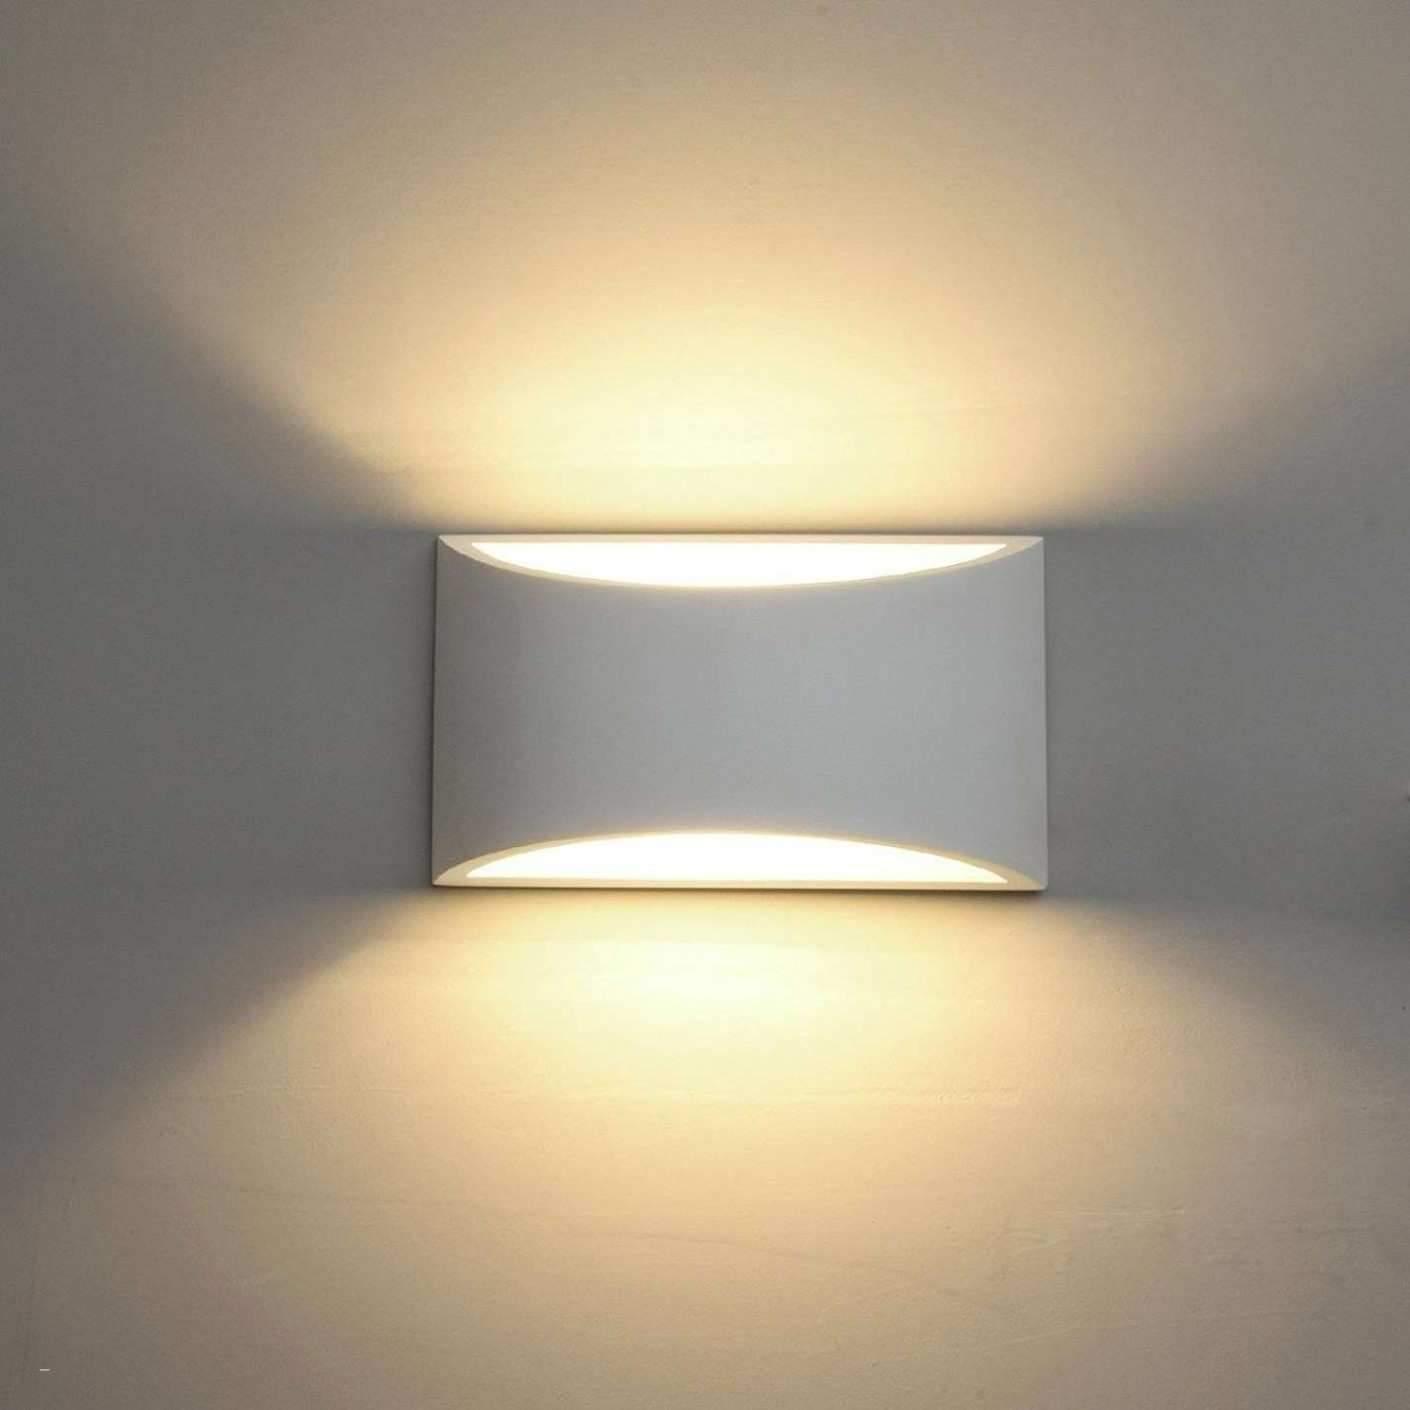 Full Size of Led Deckenleuchte Wohnzimmer Das Beste Von Deckenlampe Günstige Schlafzimmer Komplett Weißes Kommoden Wandbilder Wandtattoos Set Betten Kommode Schimmel Im Schlafzimmer Schlafzimmer Deckenlampe